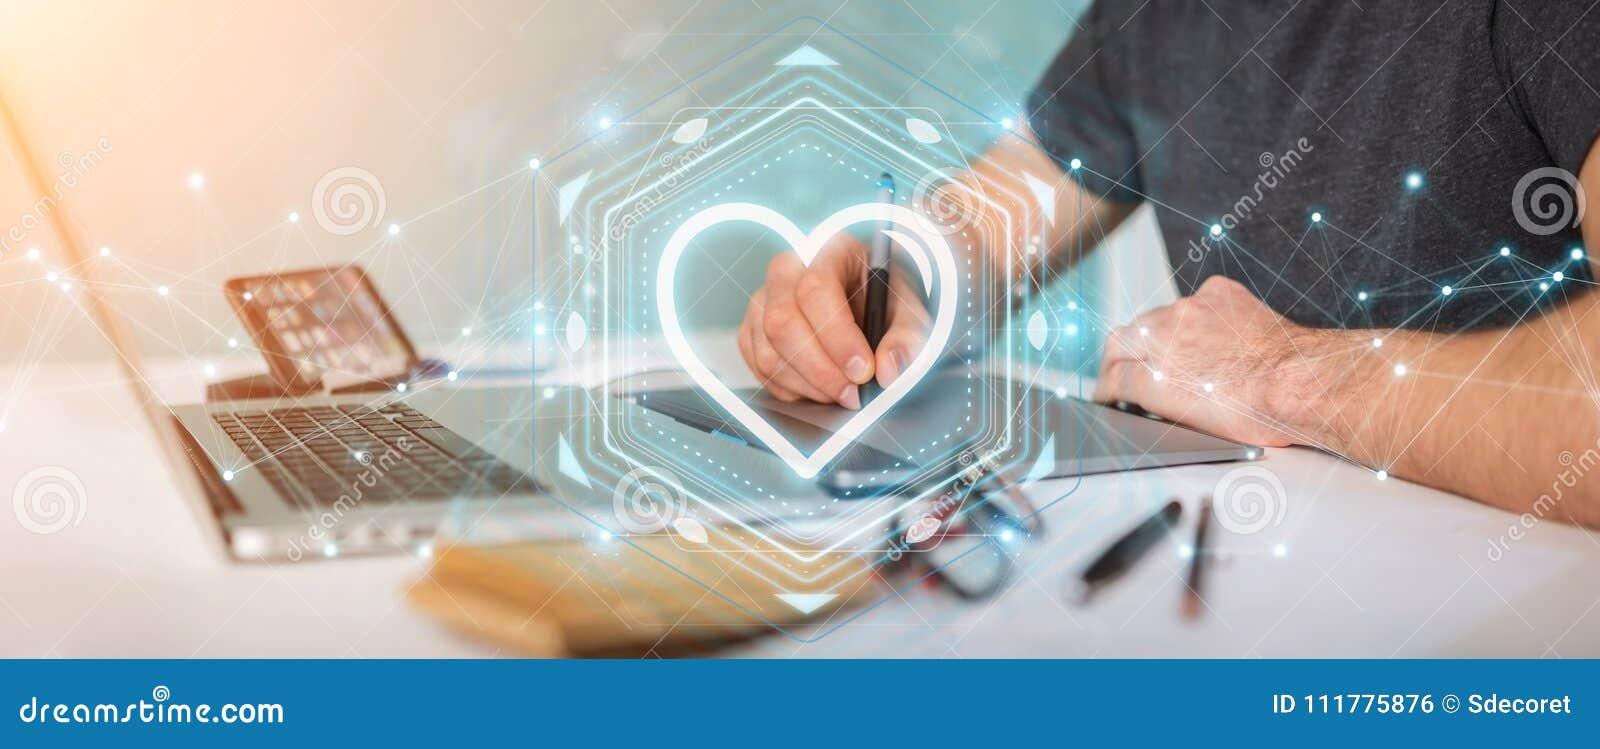 Diseñador gráfico que usa el uso de la datación para encontrar el amor 3D en línea